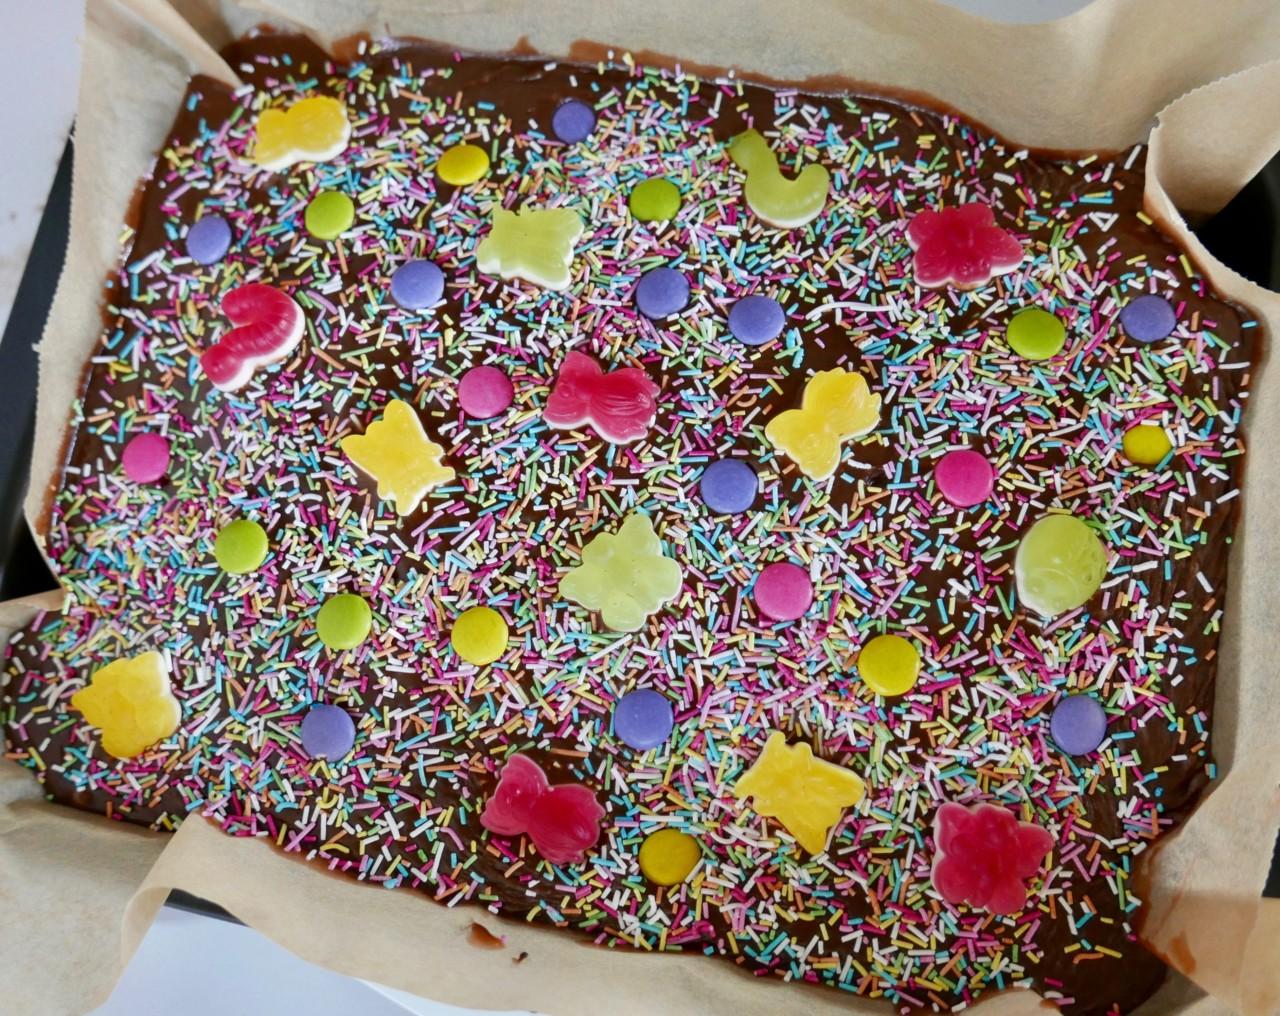 glutenfri-sjokoladekake-pyntet-insekter-langpanne-sunnere